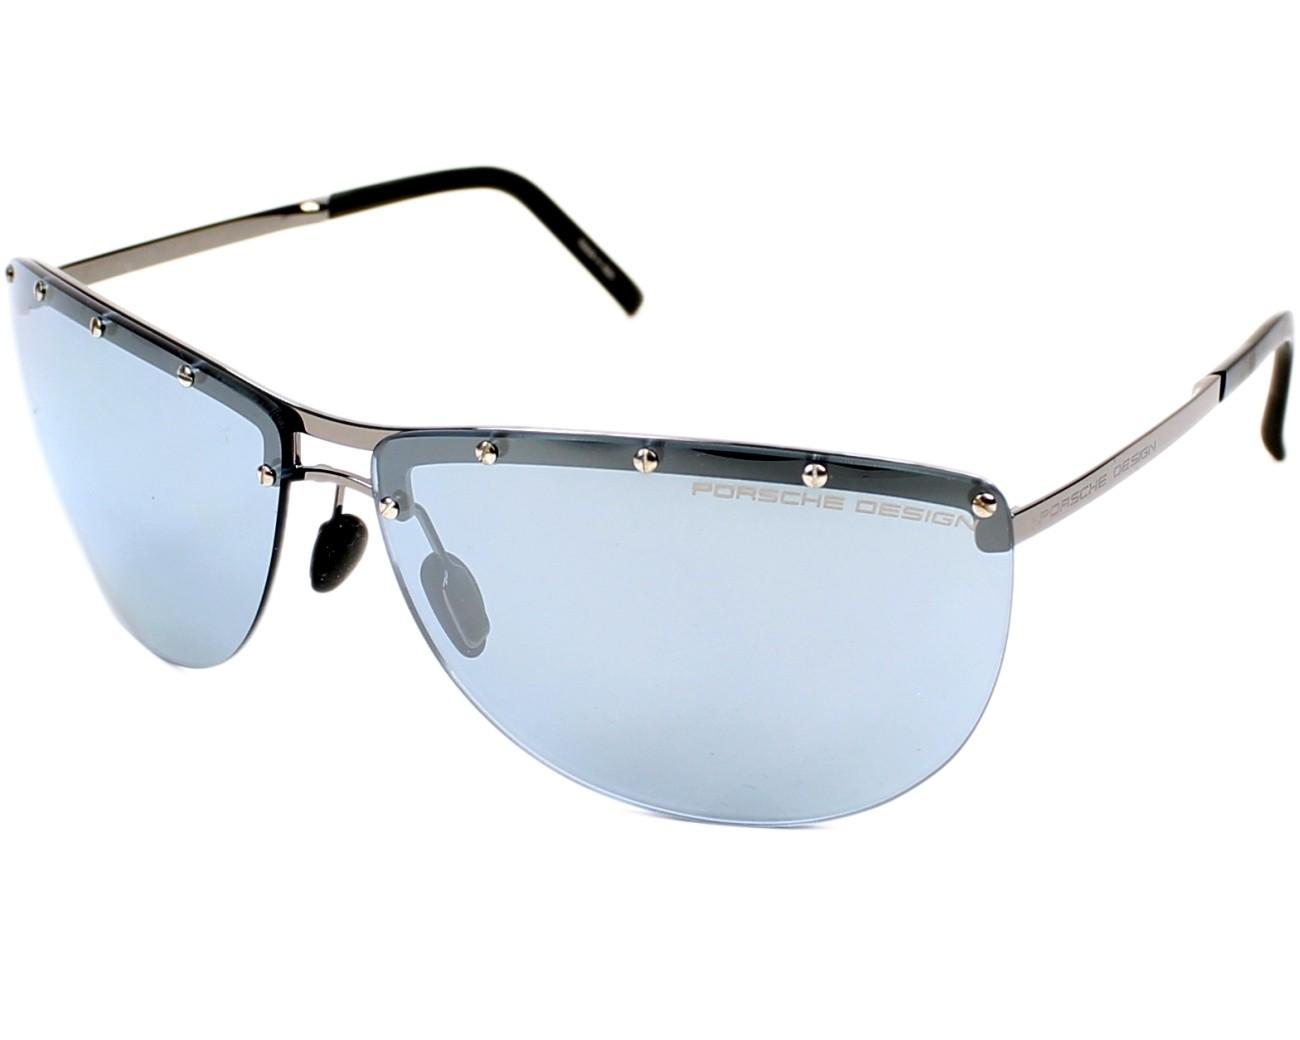 lunettes de soleil porsche design p 8577 b gunmetal avec des verres gris pour hommes taille 68. Black Bedroom Furniture Sets. Home Design Ideas